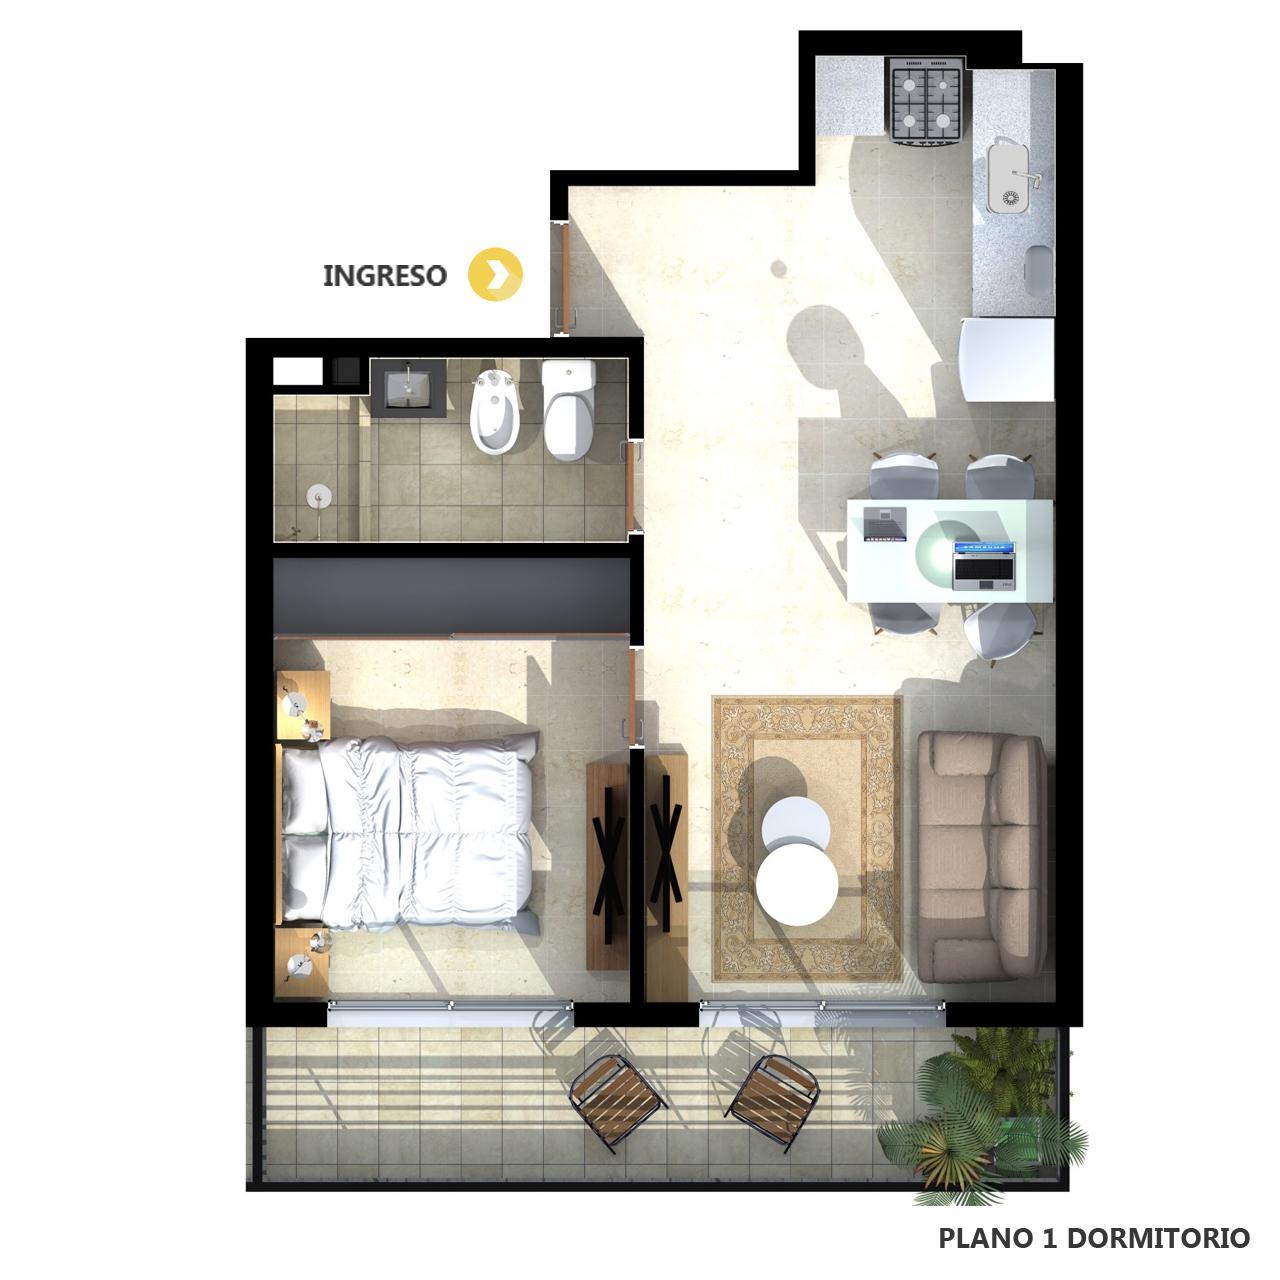 Venta departamento 1 dormitorio Rosario, Parque España. Cod CBU23323 AP2199515. Crestale Propiedades